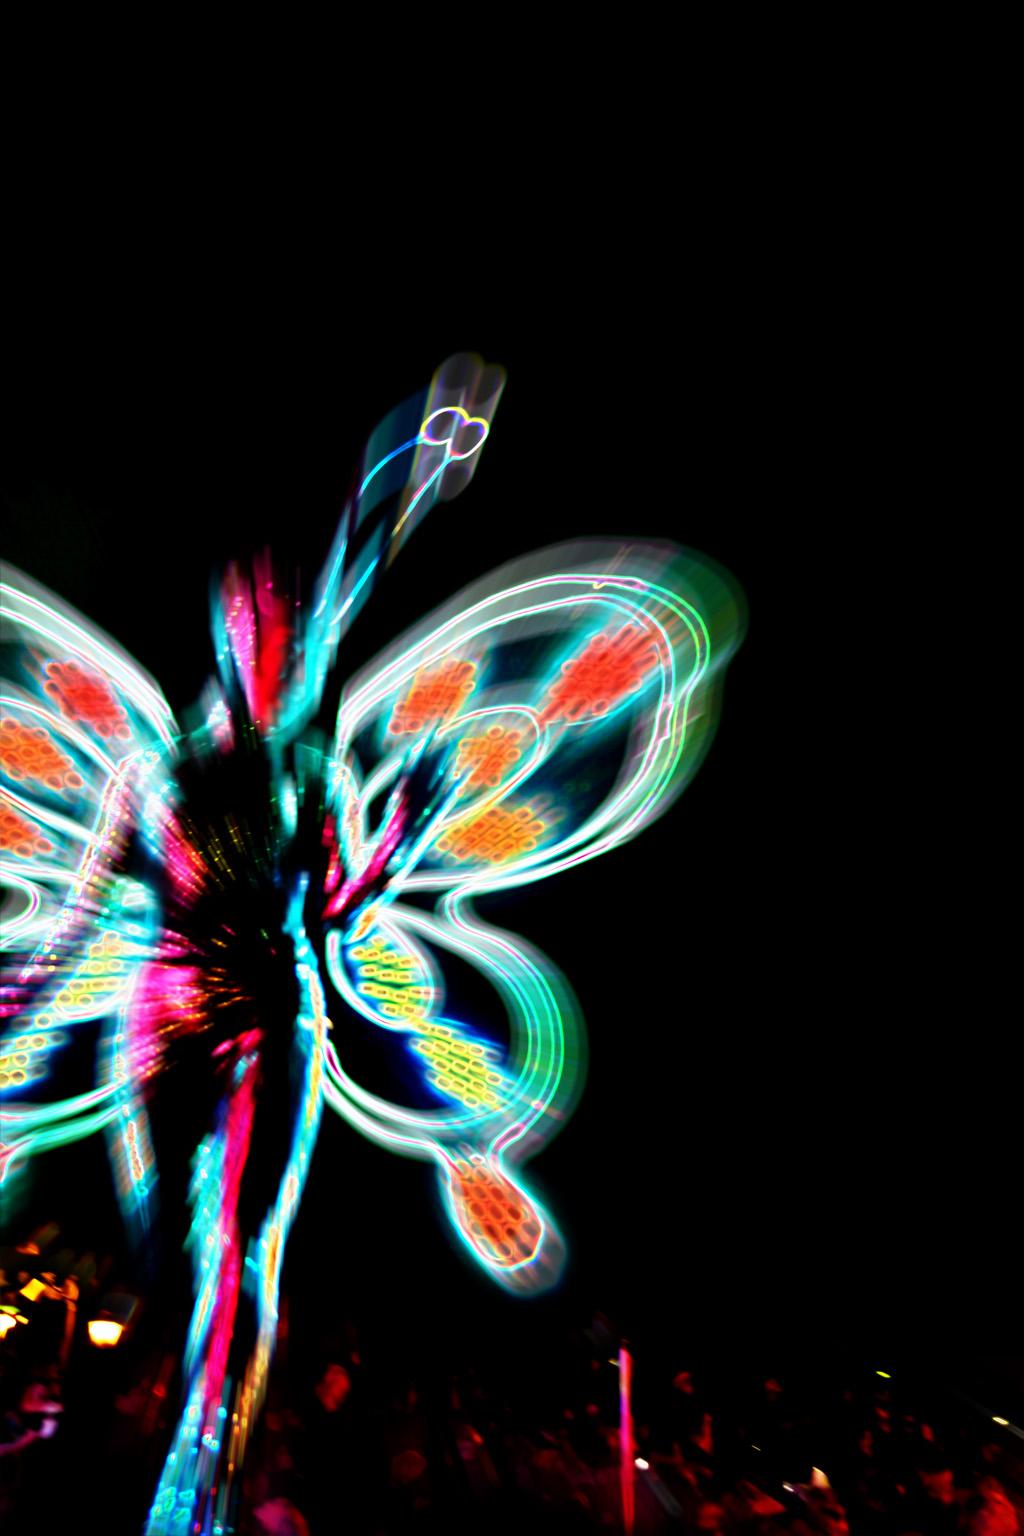 夜の蝶(東京ディズニーランド・エレクトリカルパレード・ドリームライツ)